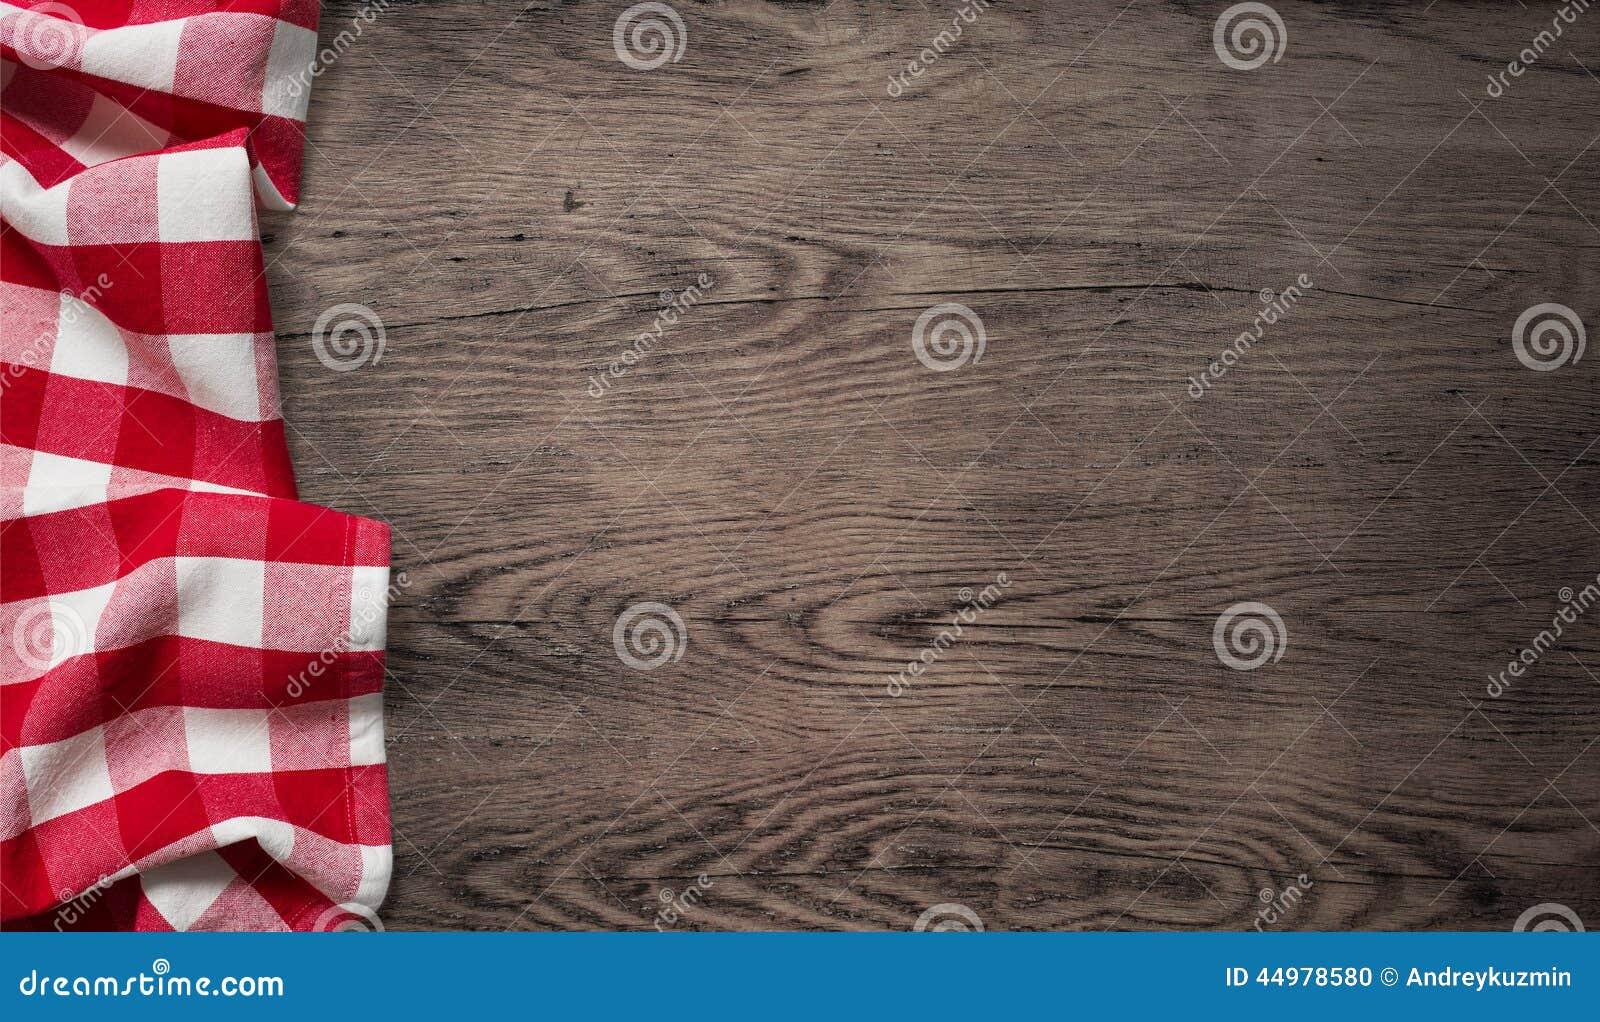 Mantel de la comida campestre en la vieja opinión de sobremesa de madera